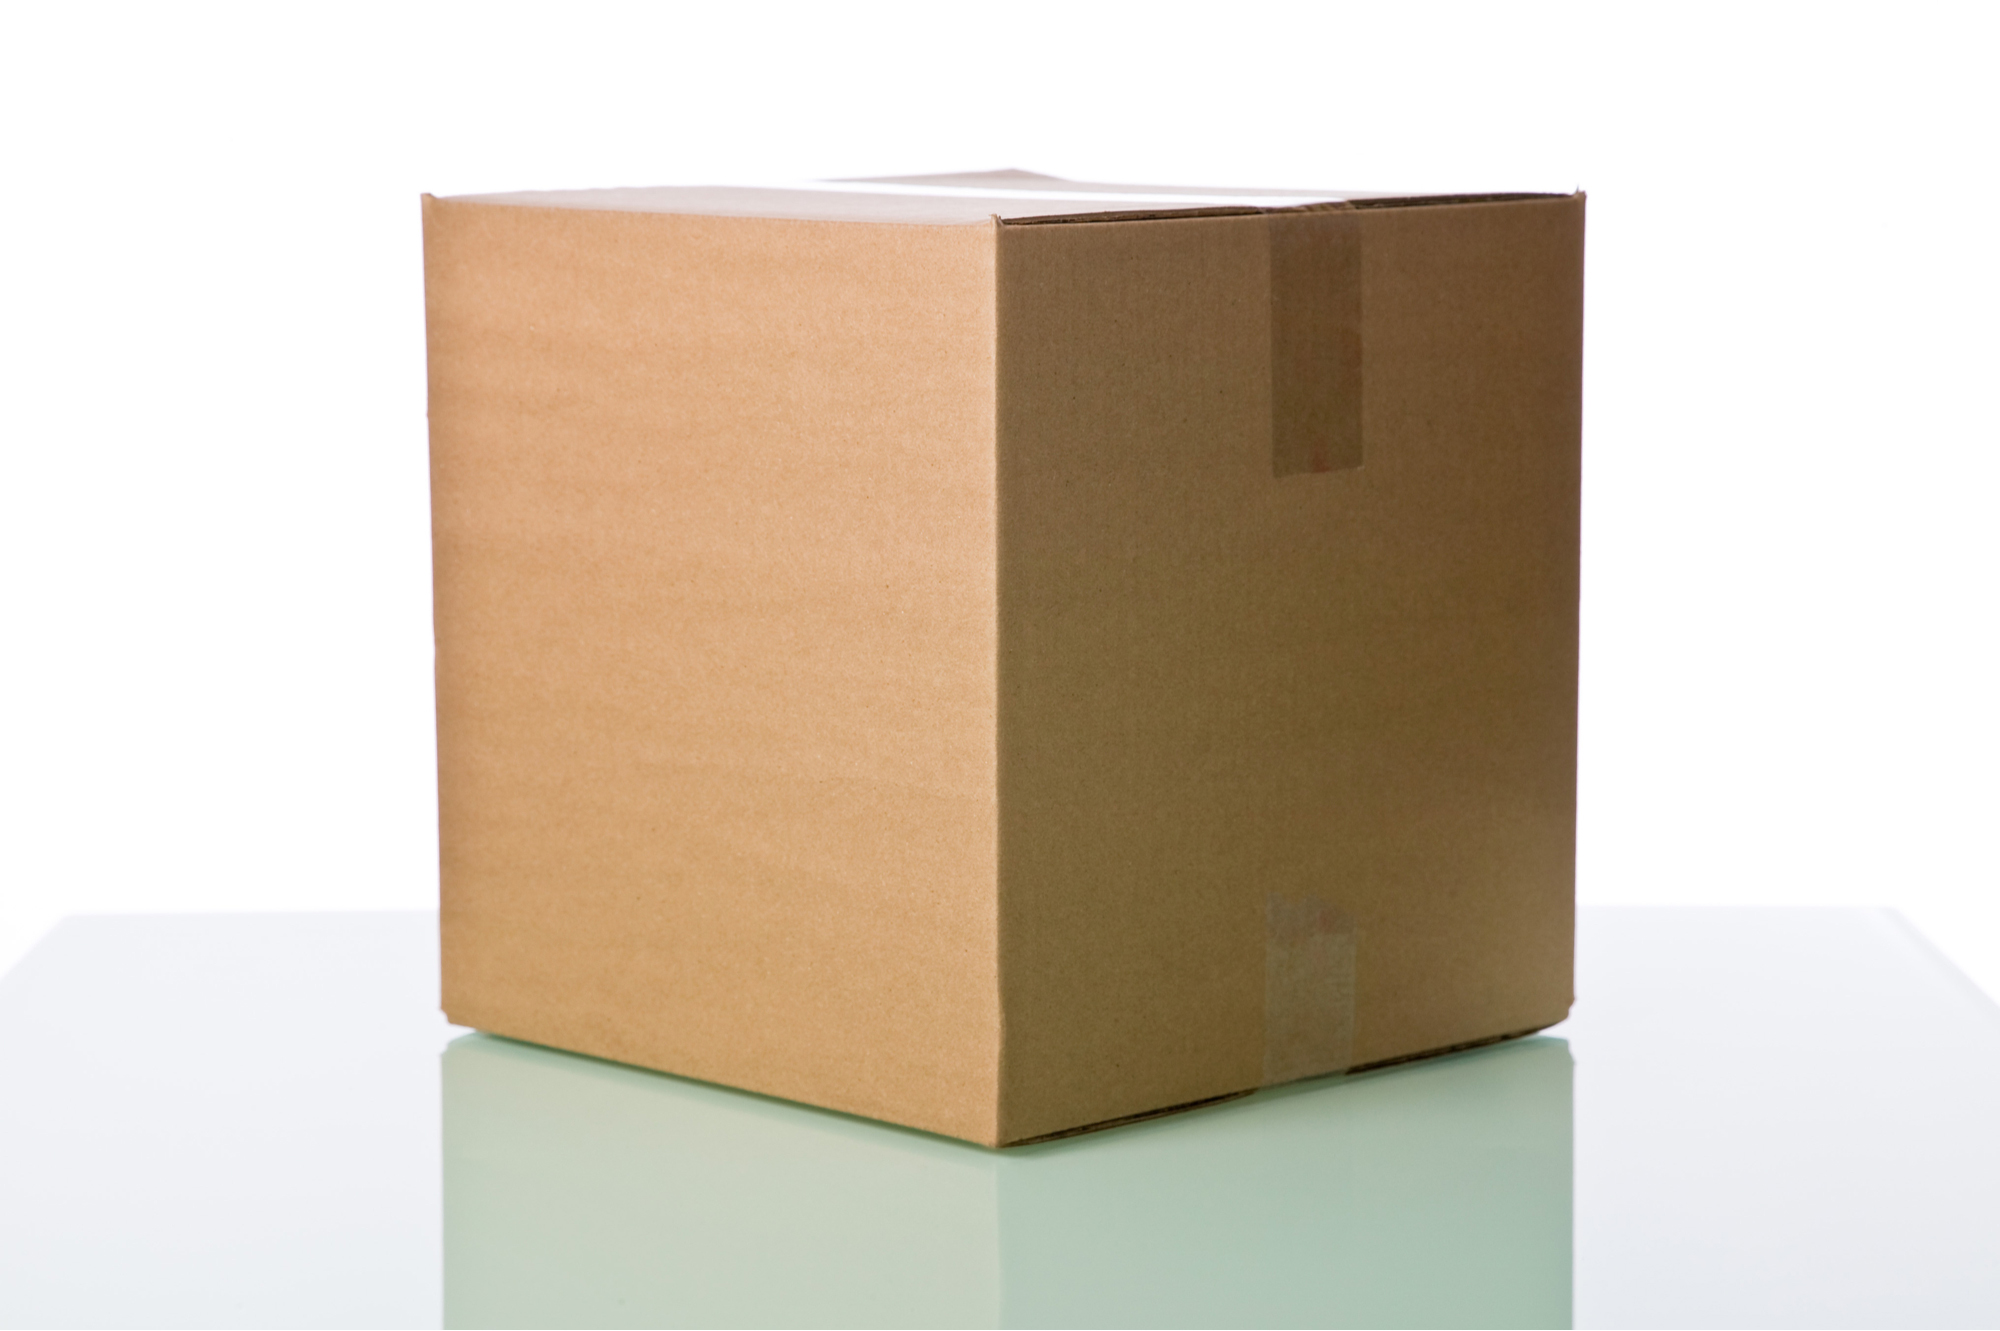 صندوق كرتوني